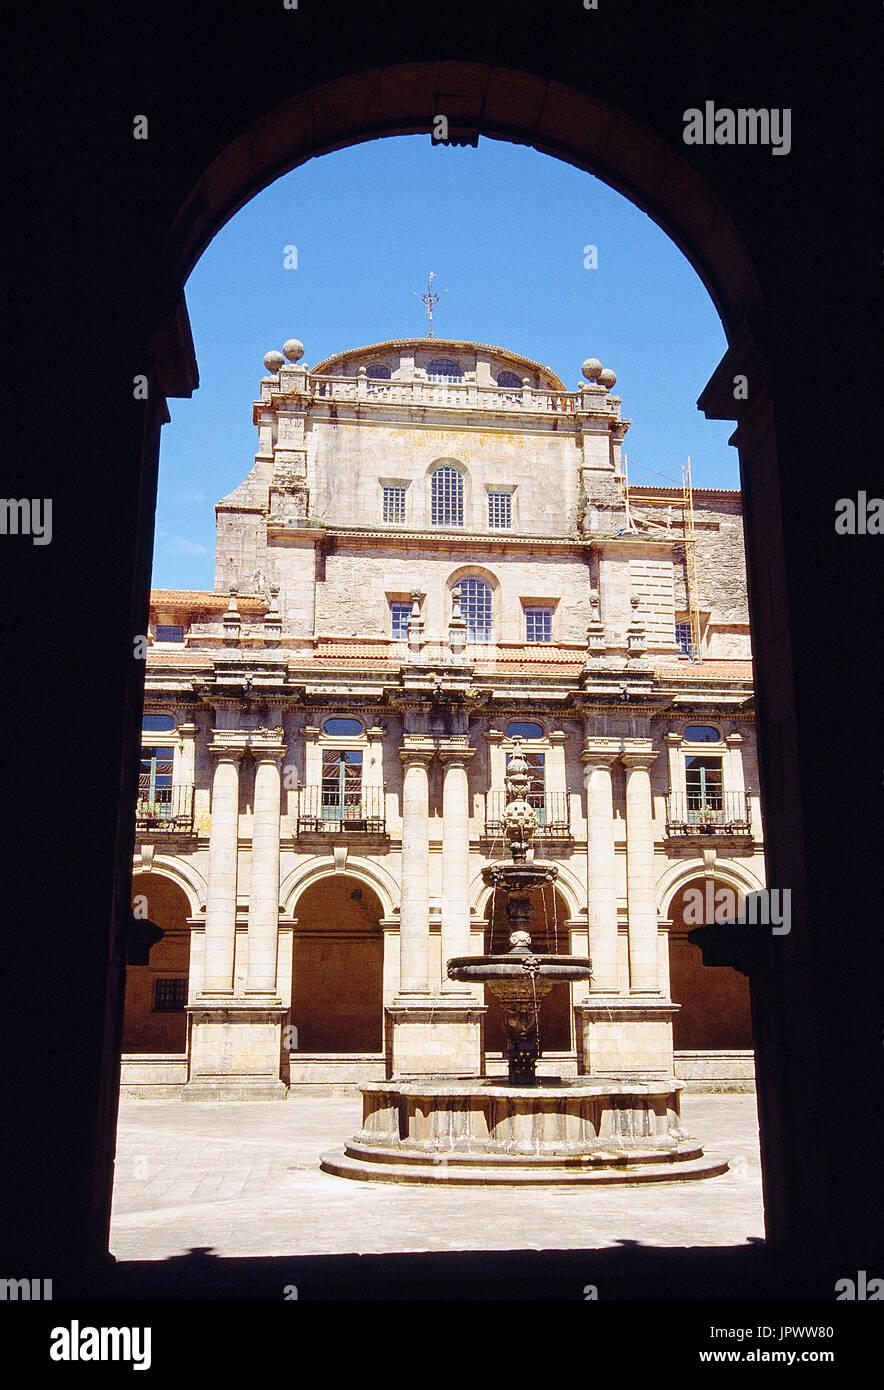 Cloister of San Martin Pinario monastery. Santiago de Compostela, La Coruña province, Galicia, Spain. - Stock Image